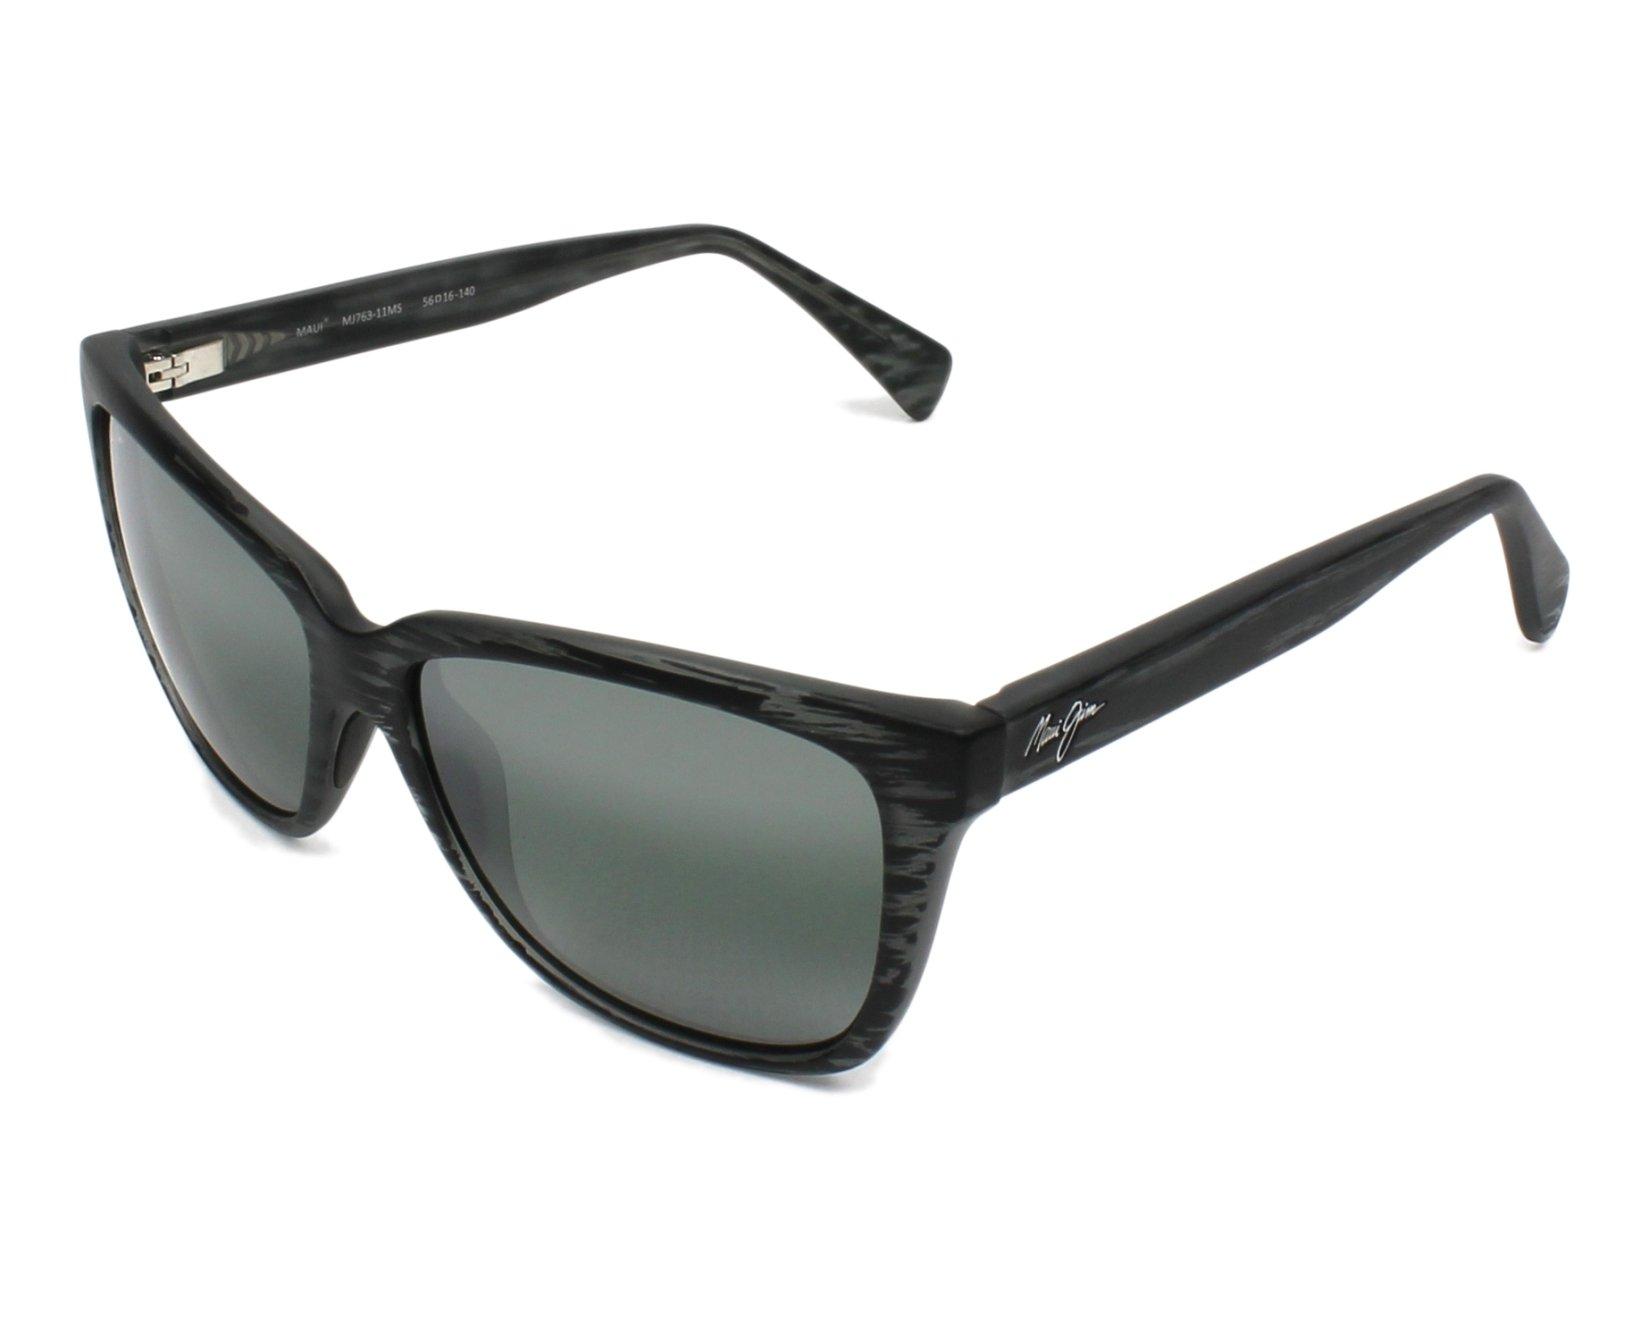 lunettes de soleil maui jim 763 11ms noir avec des verres gris. Black Bedroom Furniture Sets. Home Design Ideas